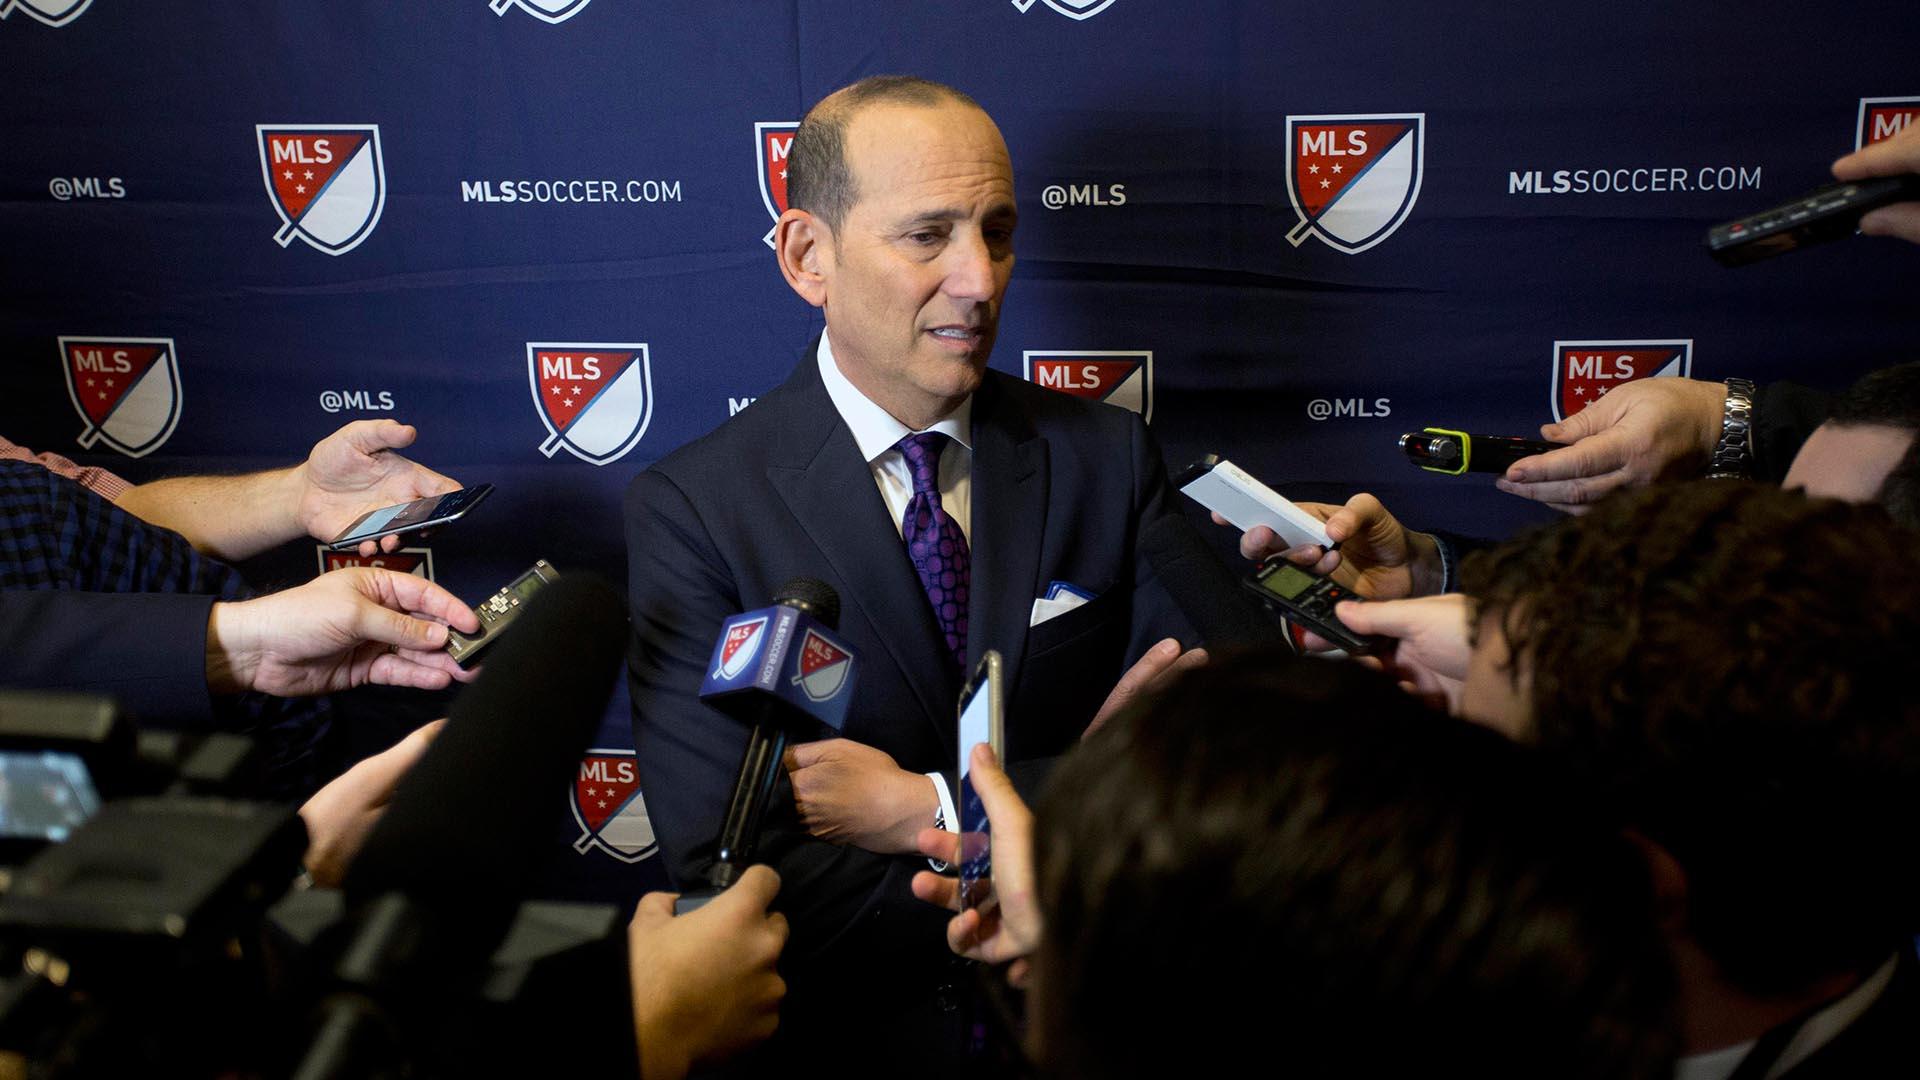 MLS commissioner Don Garber MLS SuperDraft